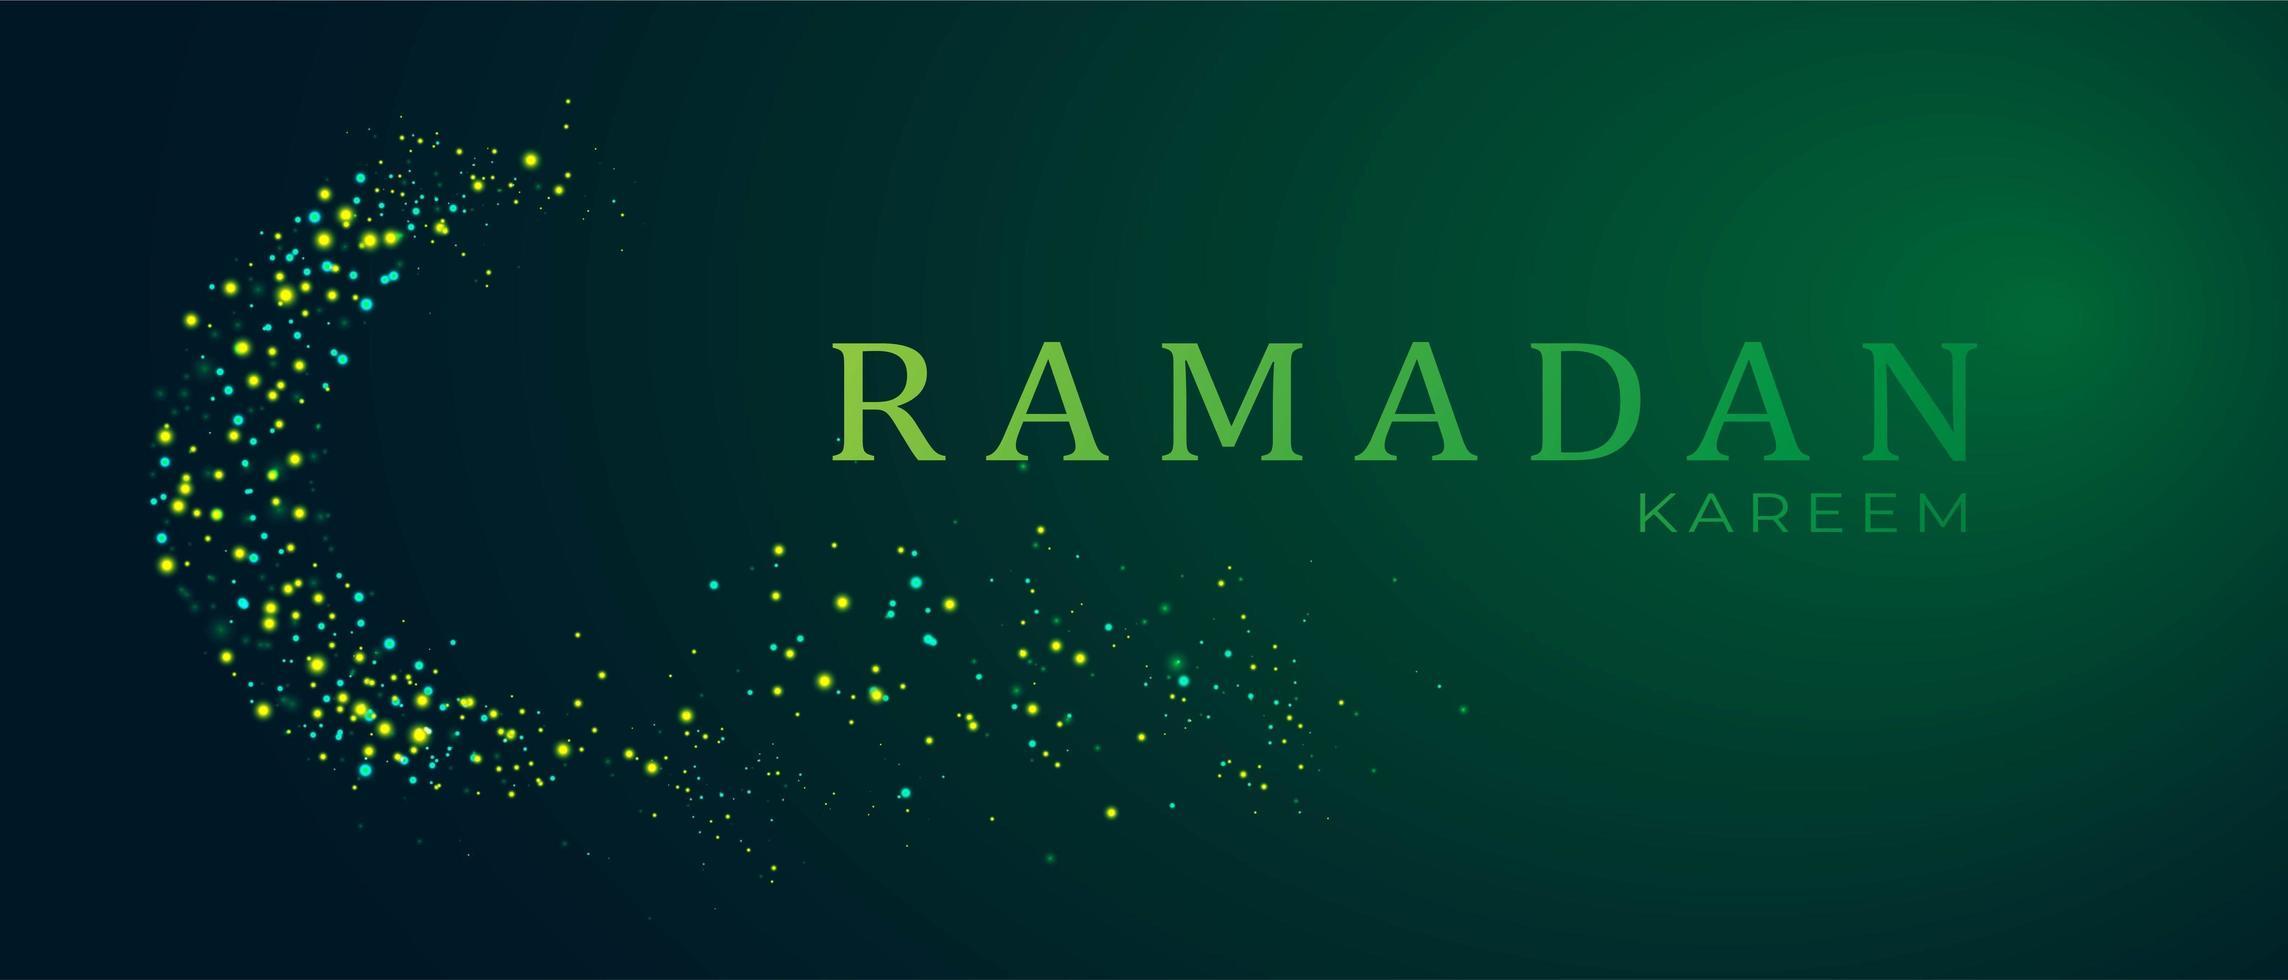 ramadan kareem bakgrund med utrymme för text vektor